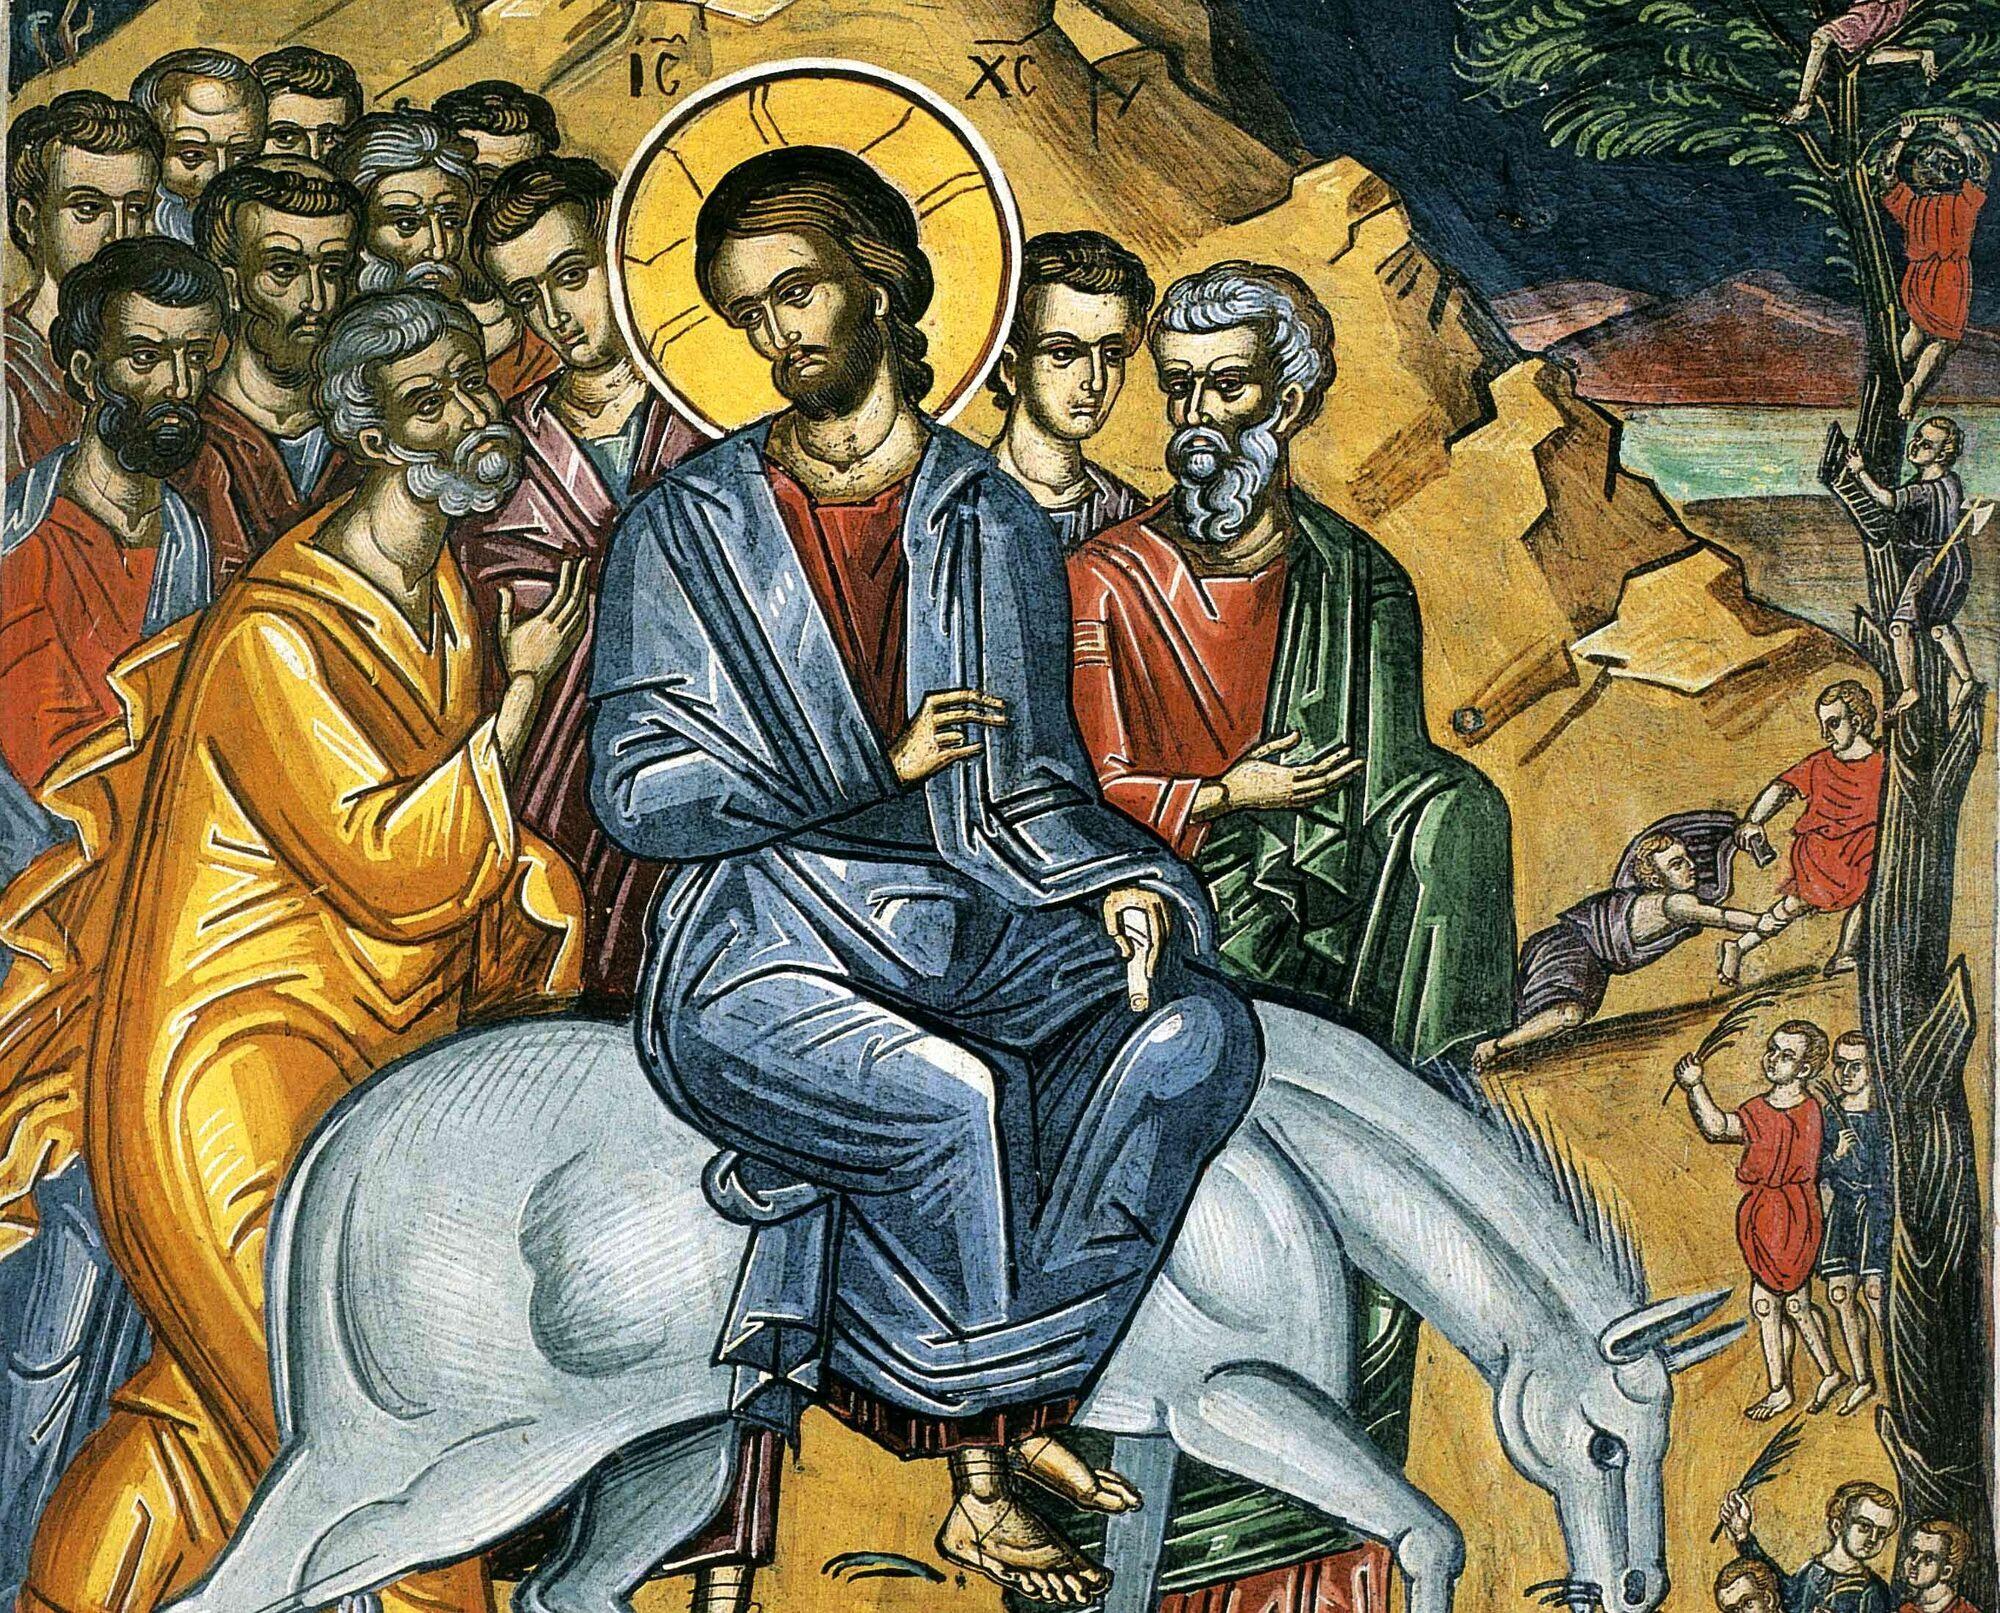 Вход Господень в Иерусалим отмечается в шестое воскресенье Великого поста